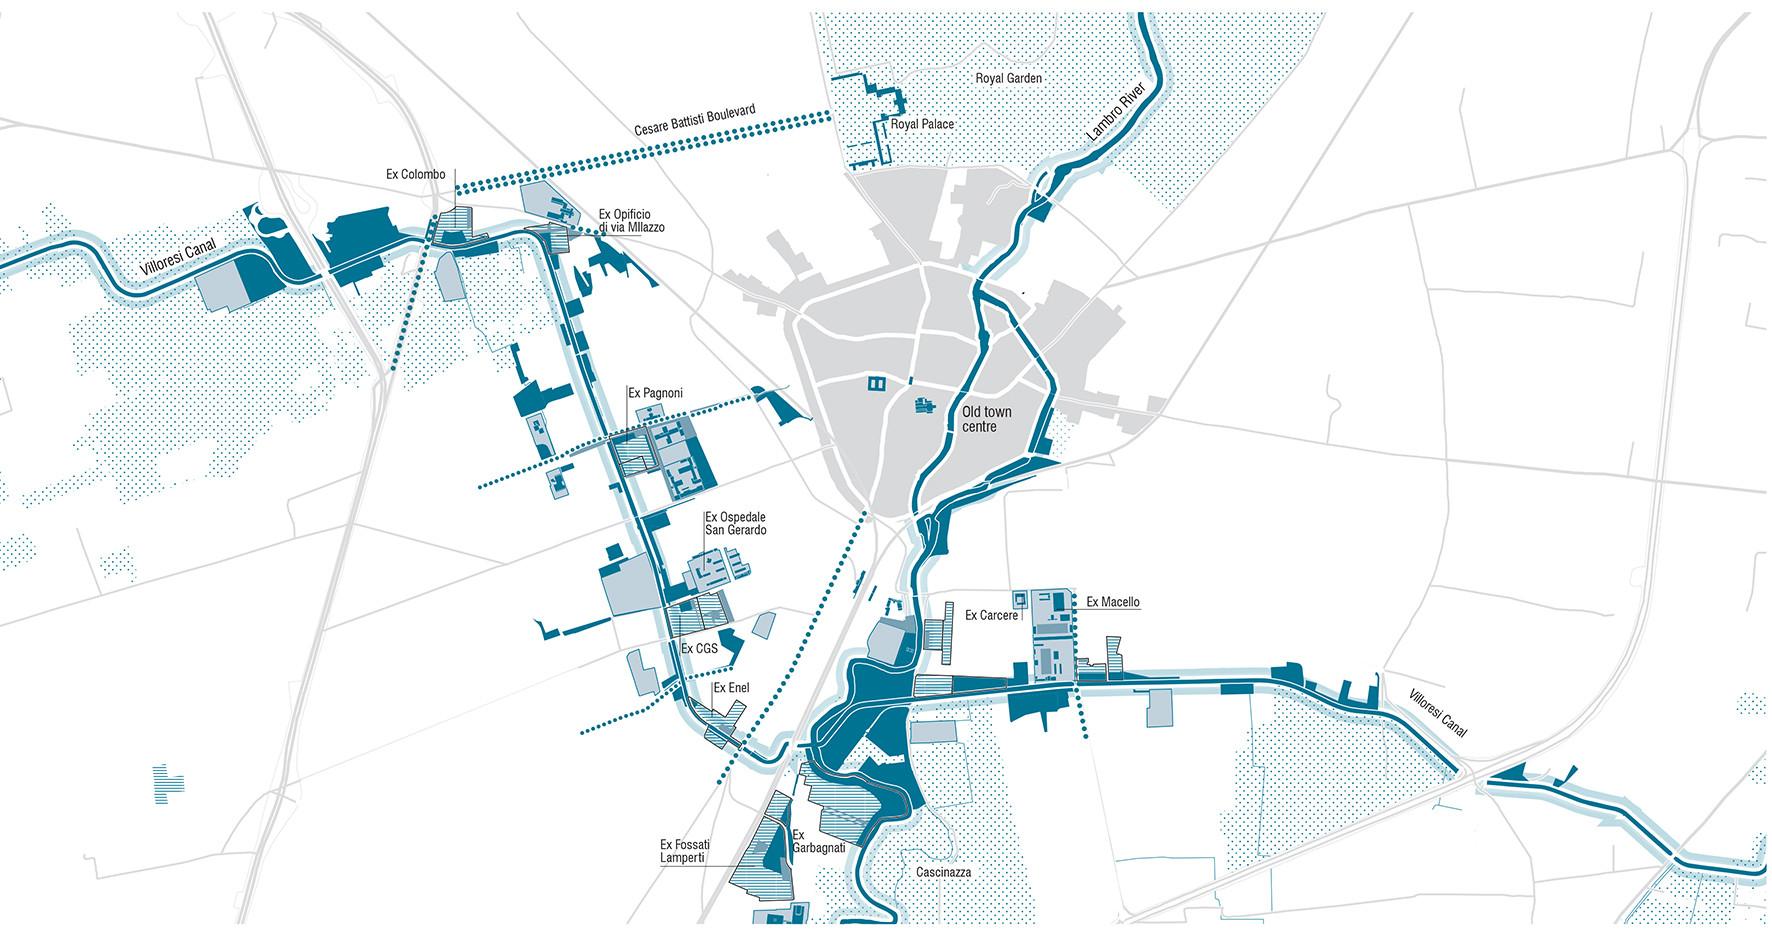 Masterplan para la ciudad de Monza / Ubistudio. Image © Roland Halbe